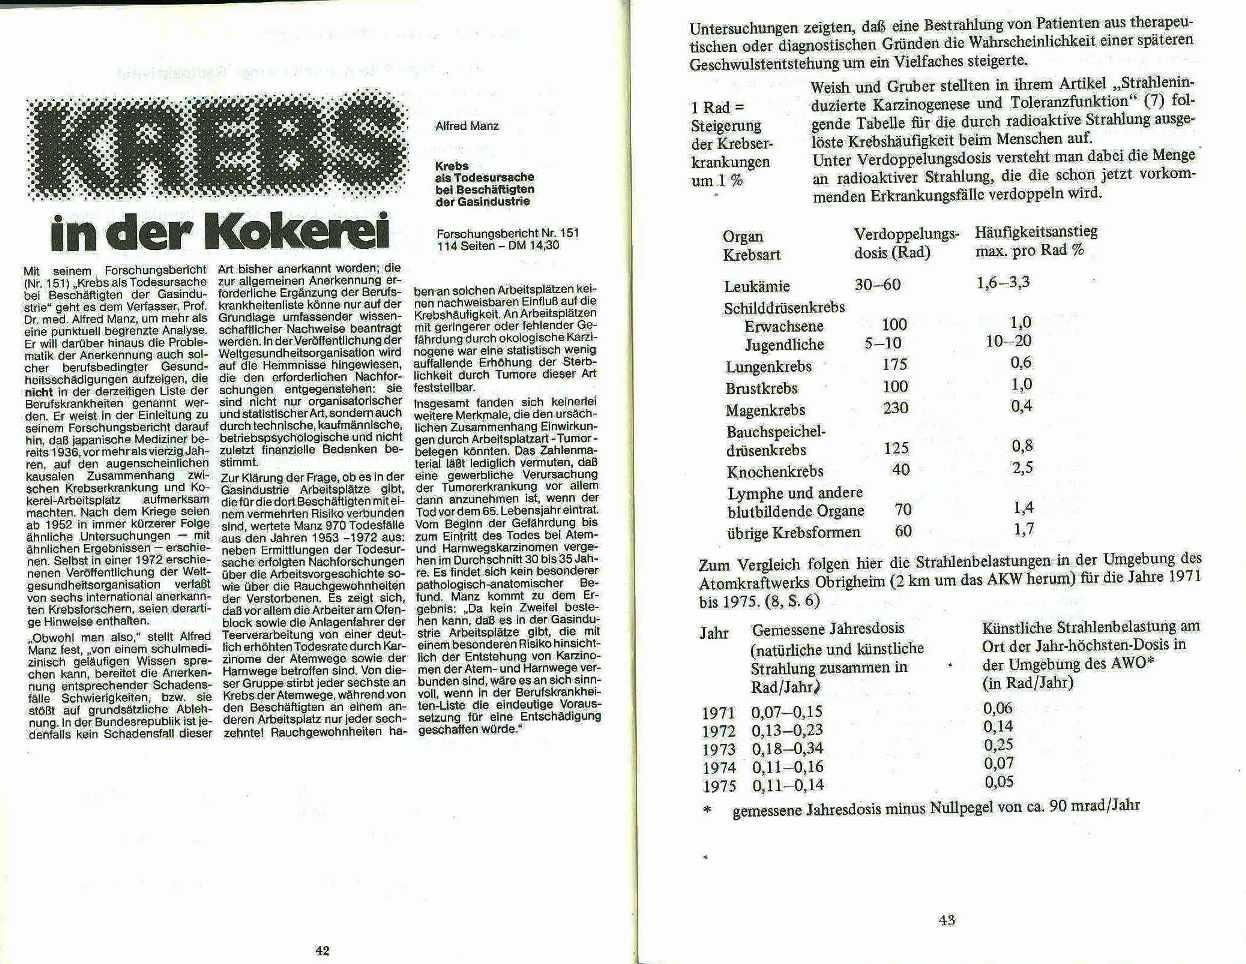 Berlin_KPDSiemens024